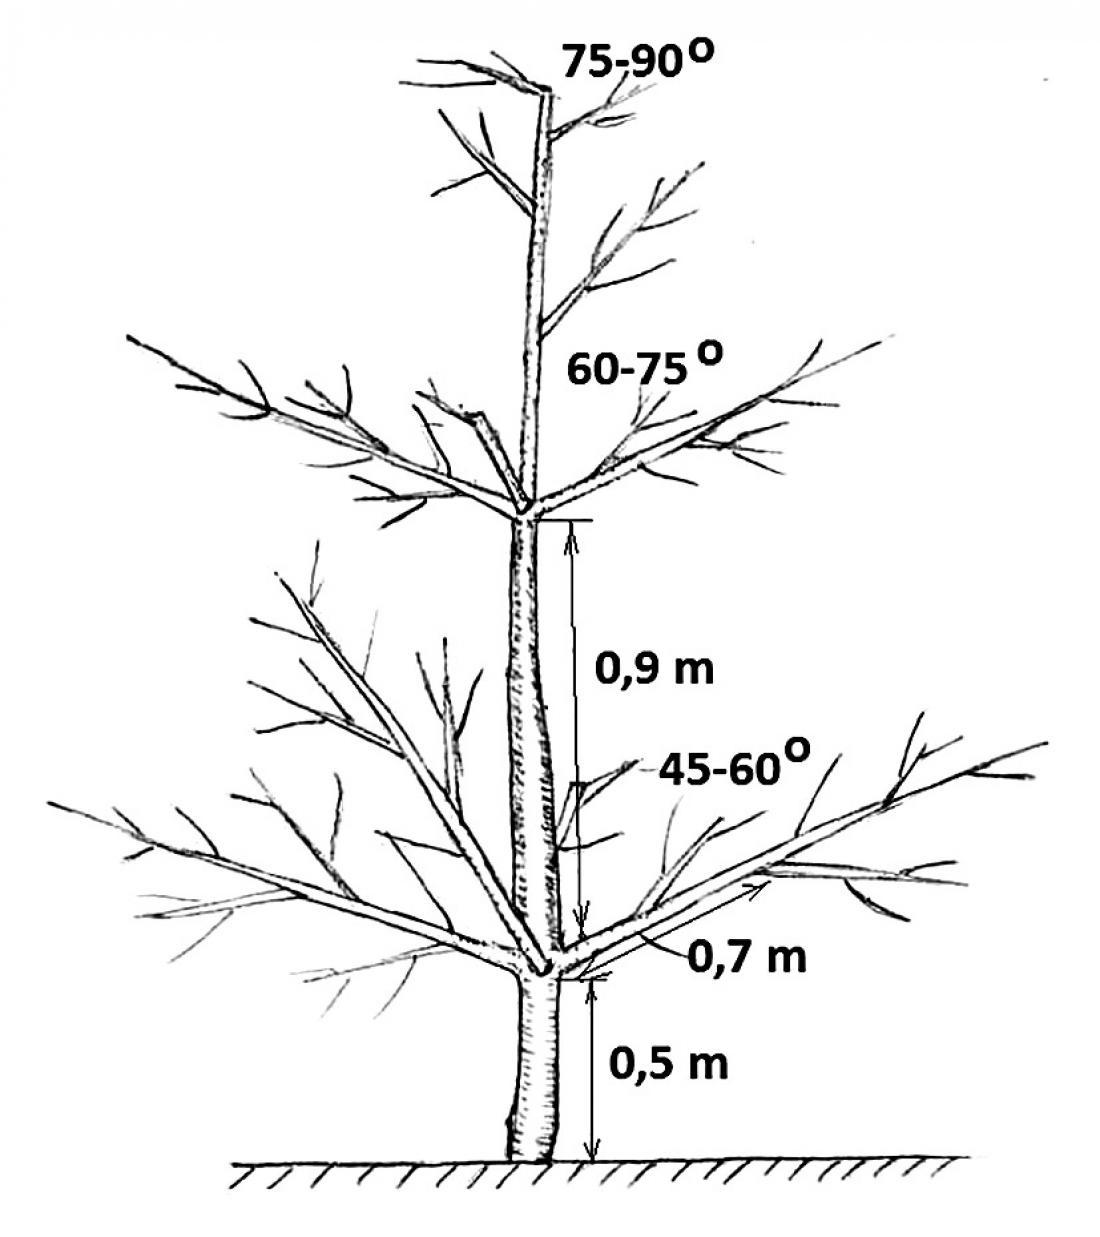 Piramidna gojitvena oblika